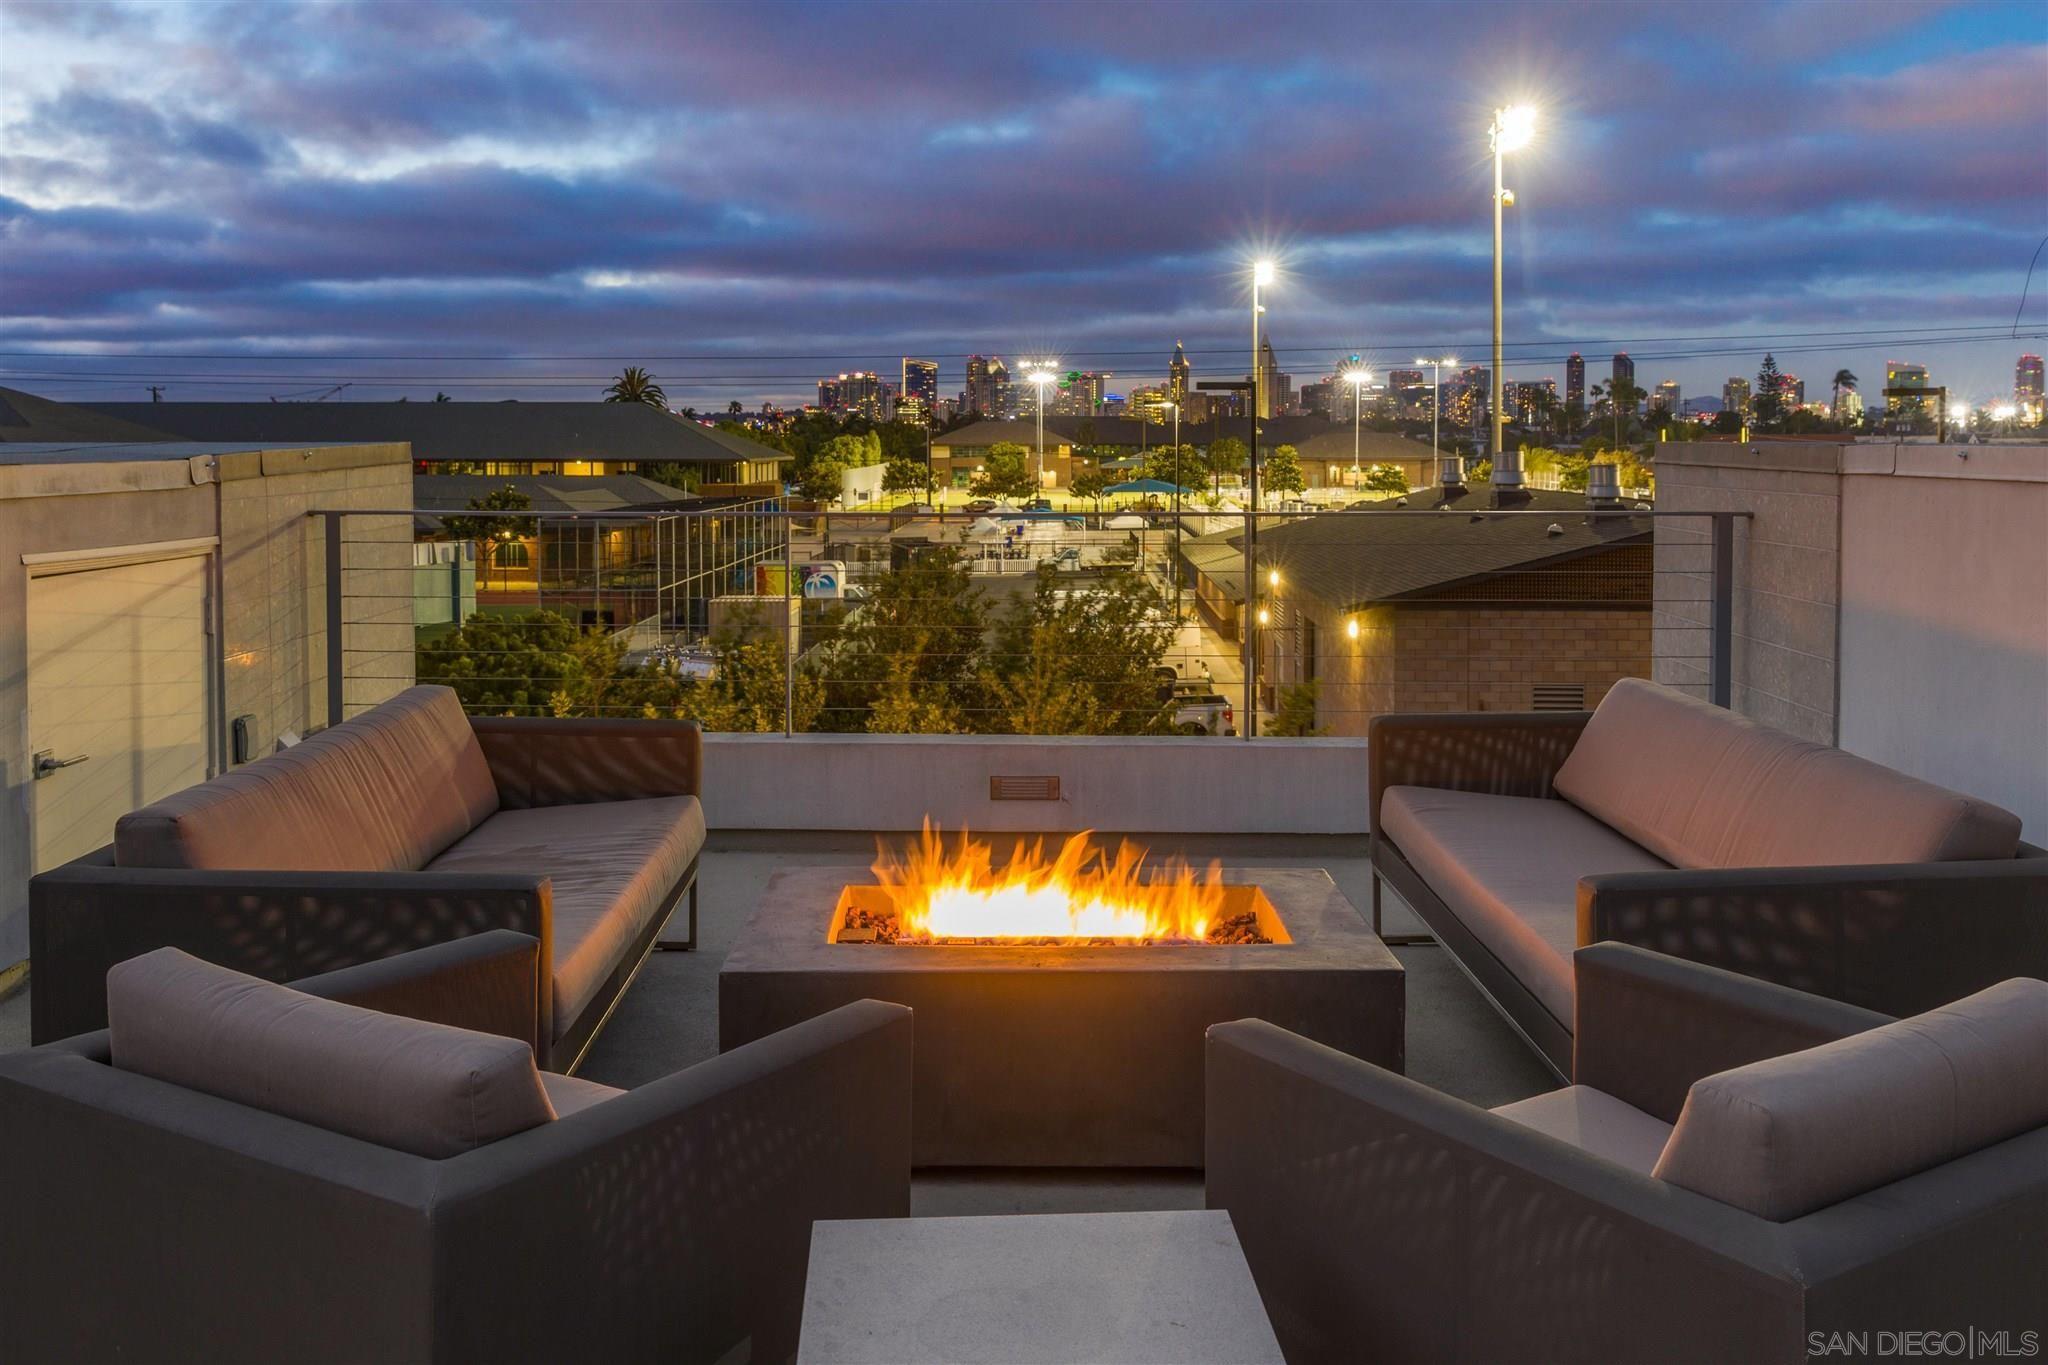 Main Photo: CORONADO VILLAGE Condo for sale : 4 bedrooms : 704 7th Street in Coronado